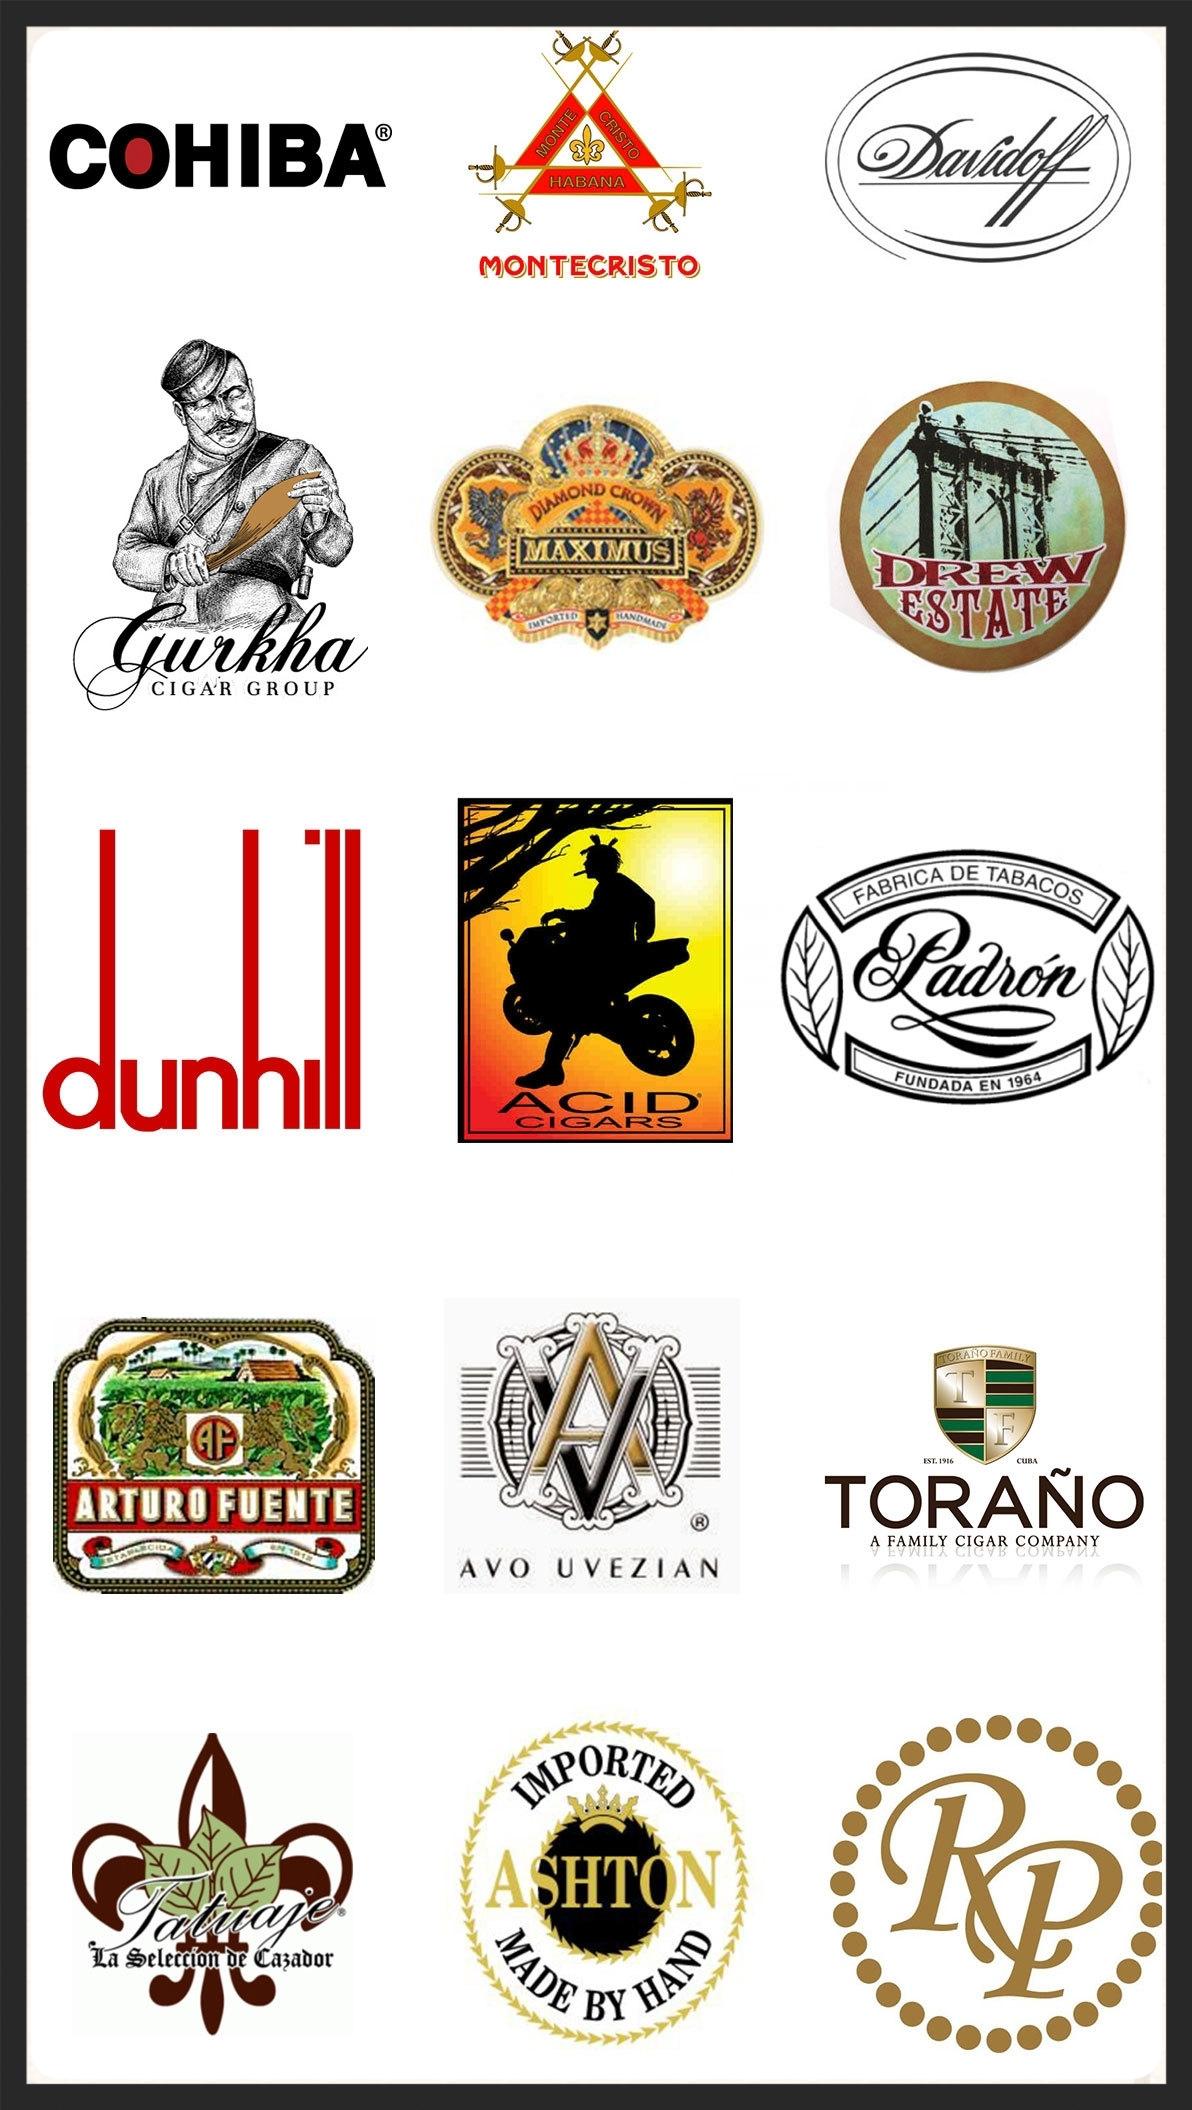 cigar-brand-logos.jpg